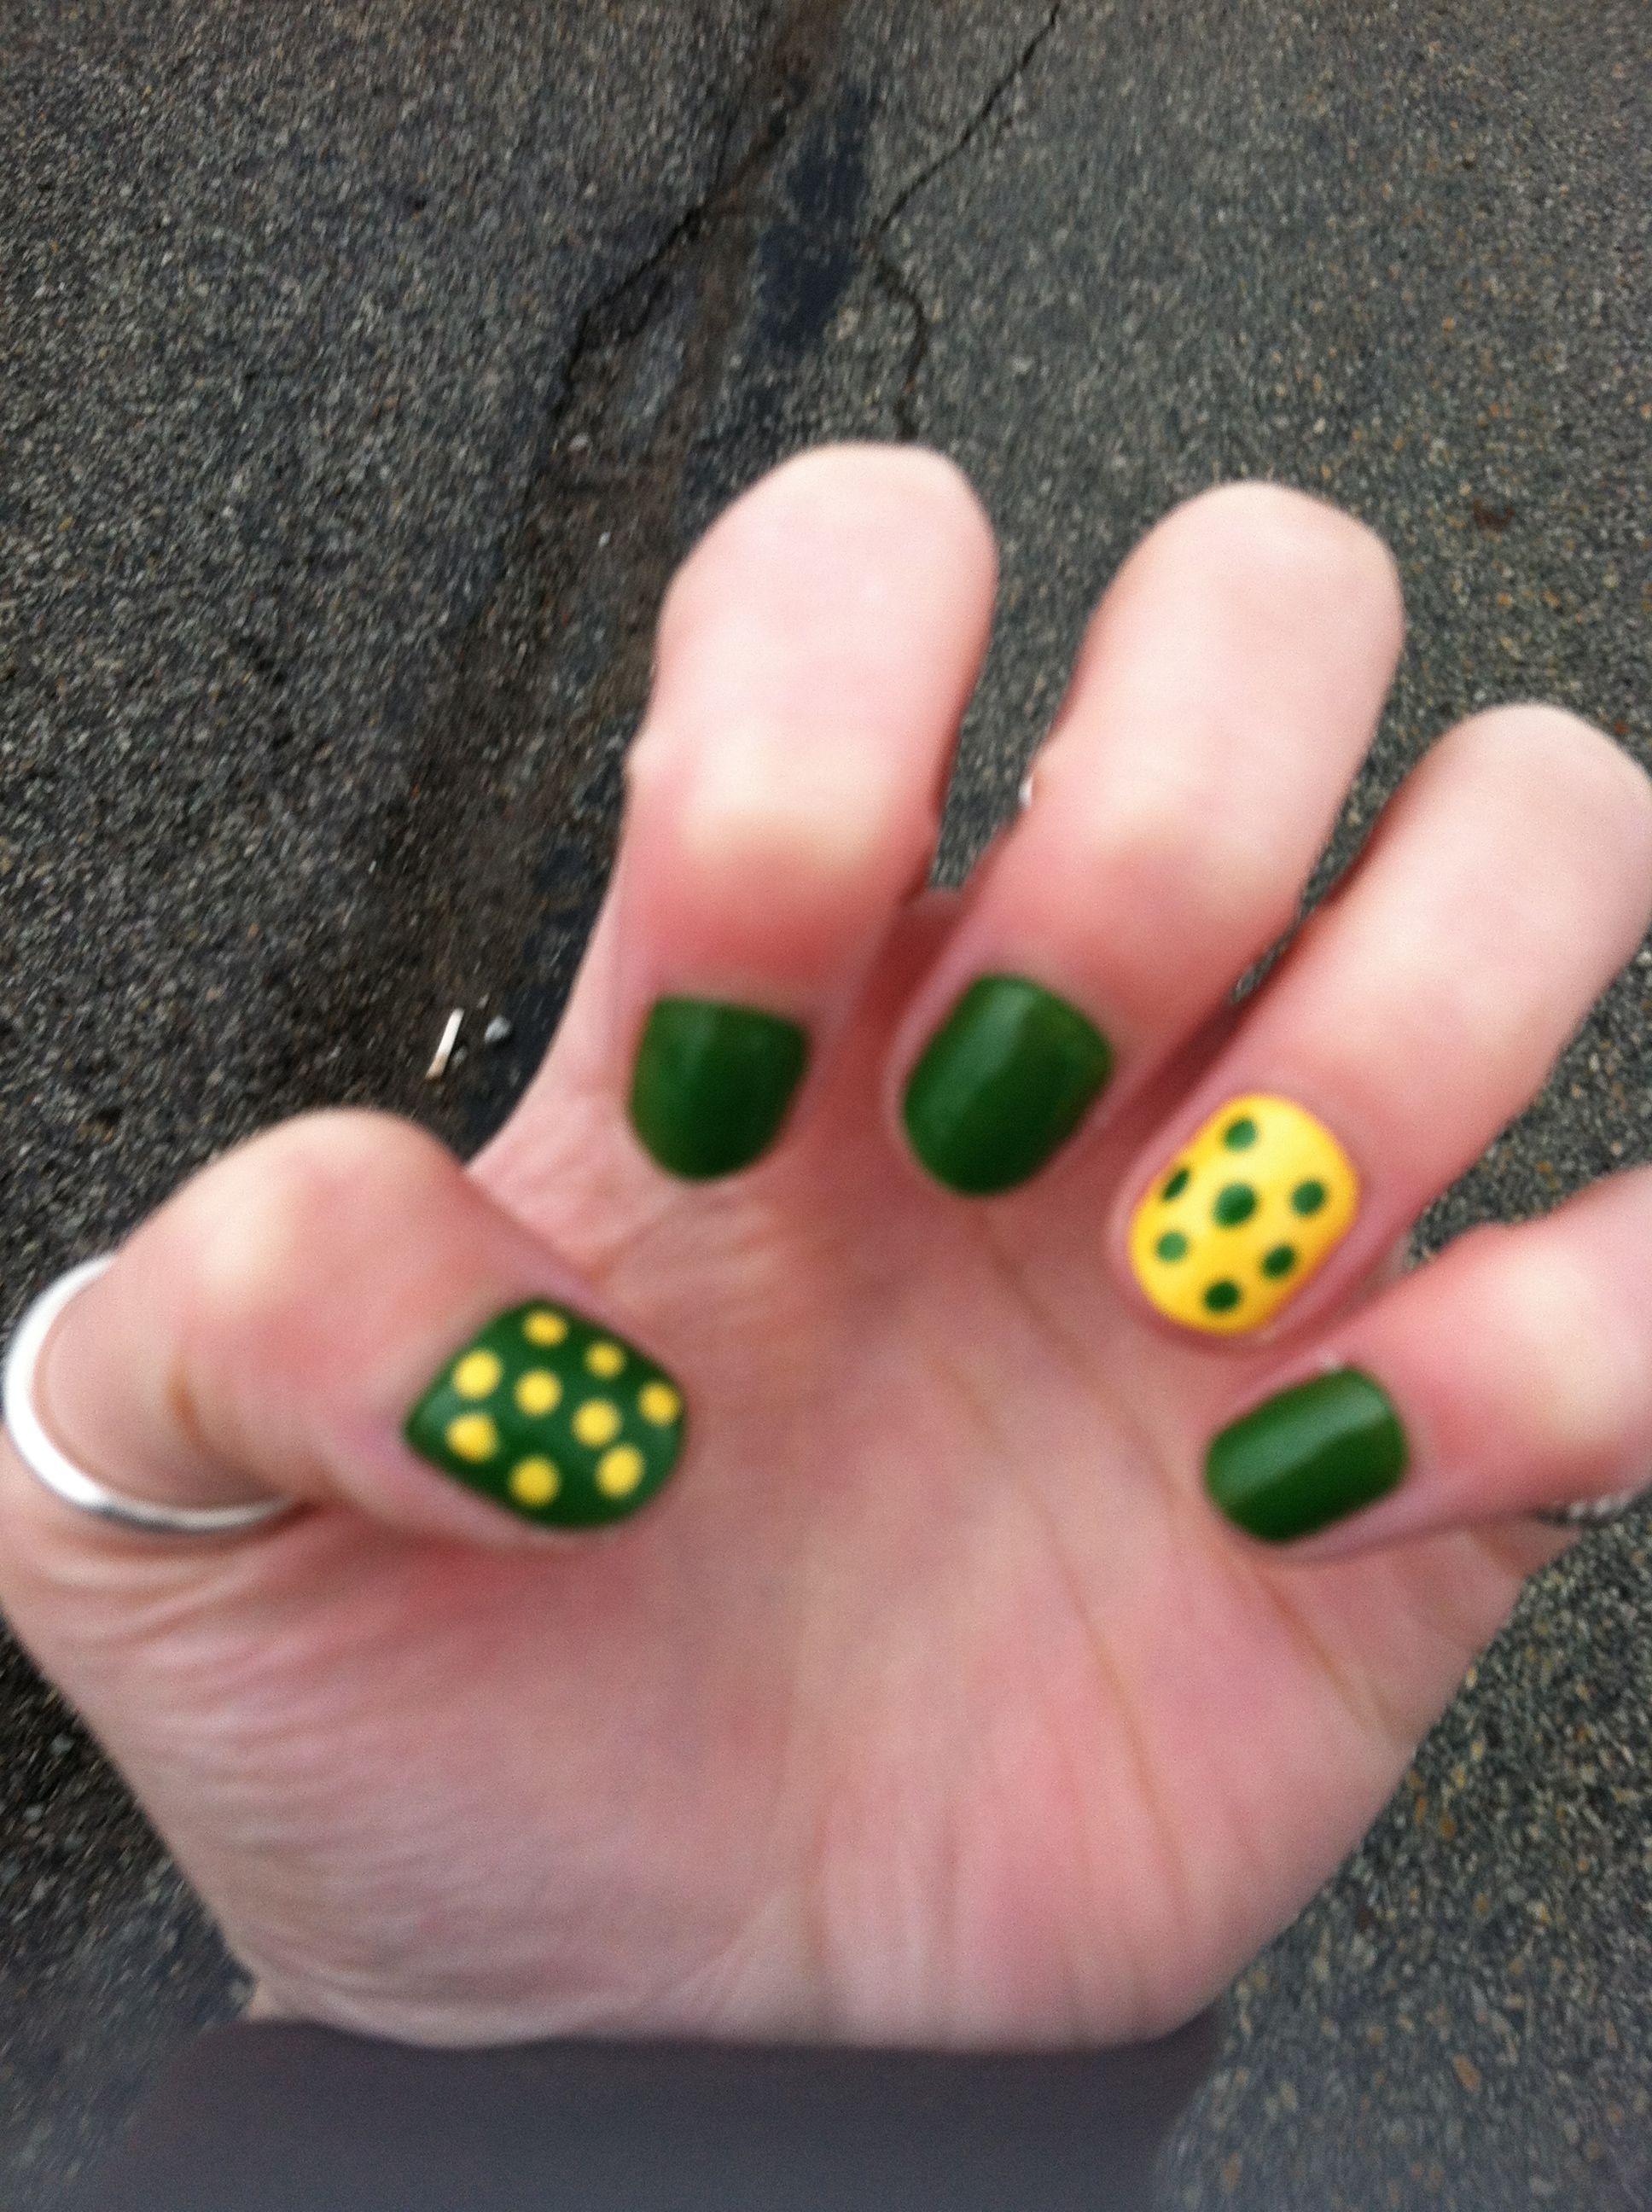 Green Bay Packers Nails Like The Polka Dots Modern Nail Art Tape Nail Art Modern Nails